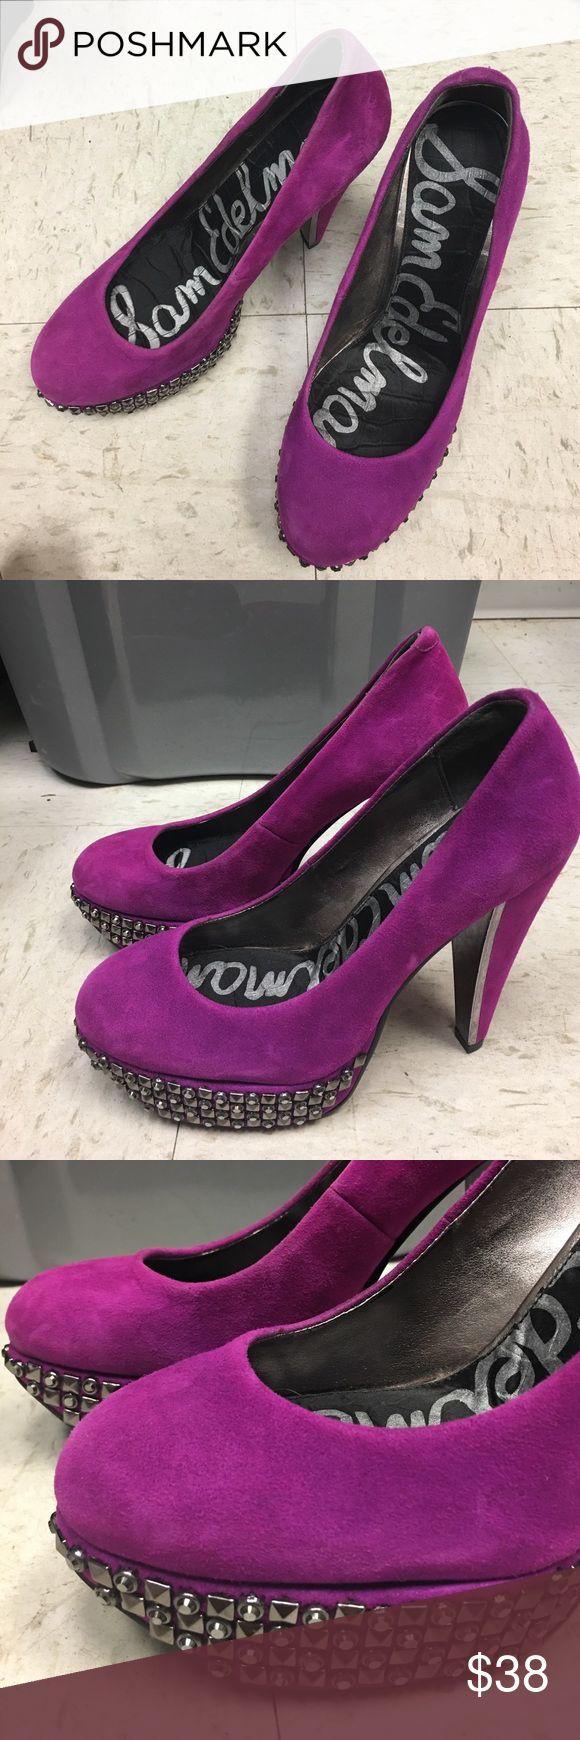 Sam Edelman heels women's size 7 Stunning Sam Edelman heels women's size 7 Sam Edelman Shoes Heels